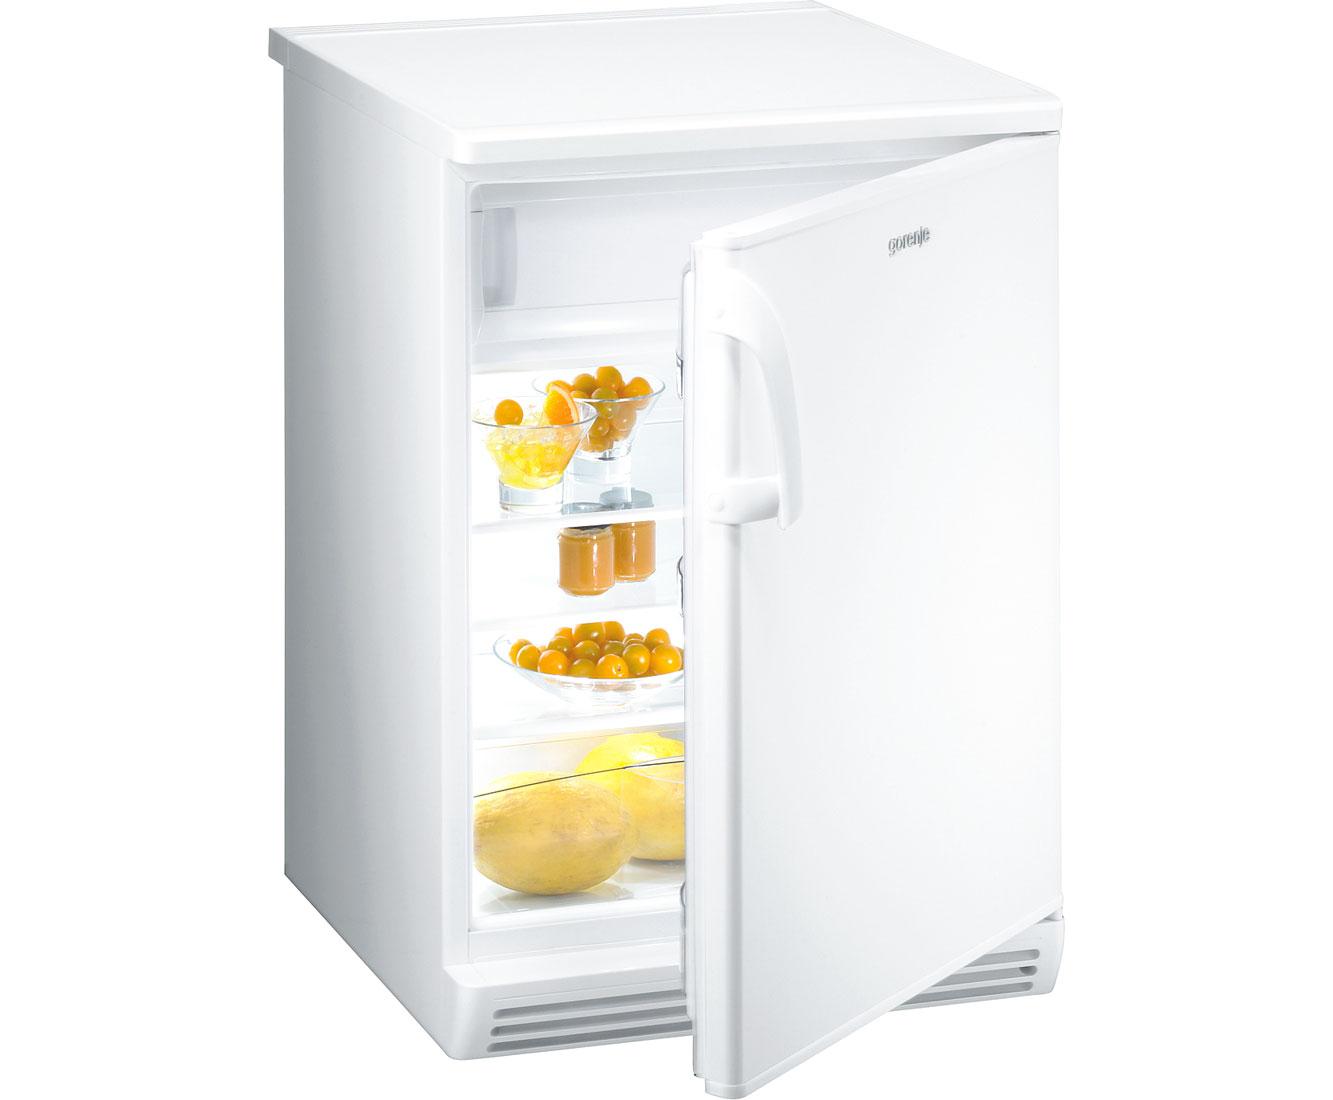 Kühlschränke mit gefrierfach  Gorenje RB 6093 AW Kühlschrank mit Gefrierfach - Weiß, A+++